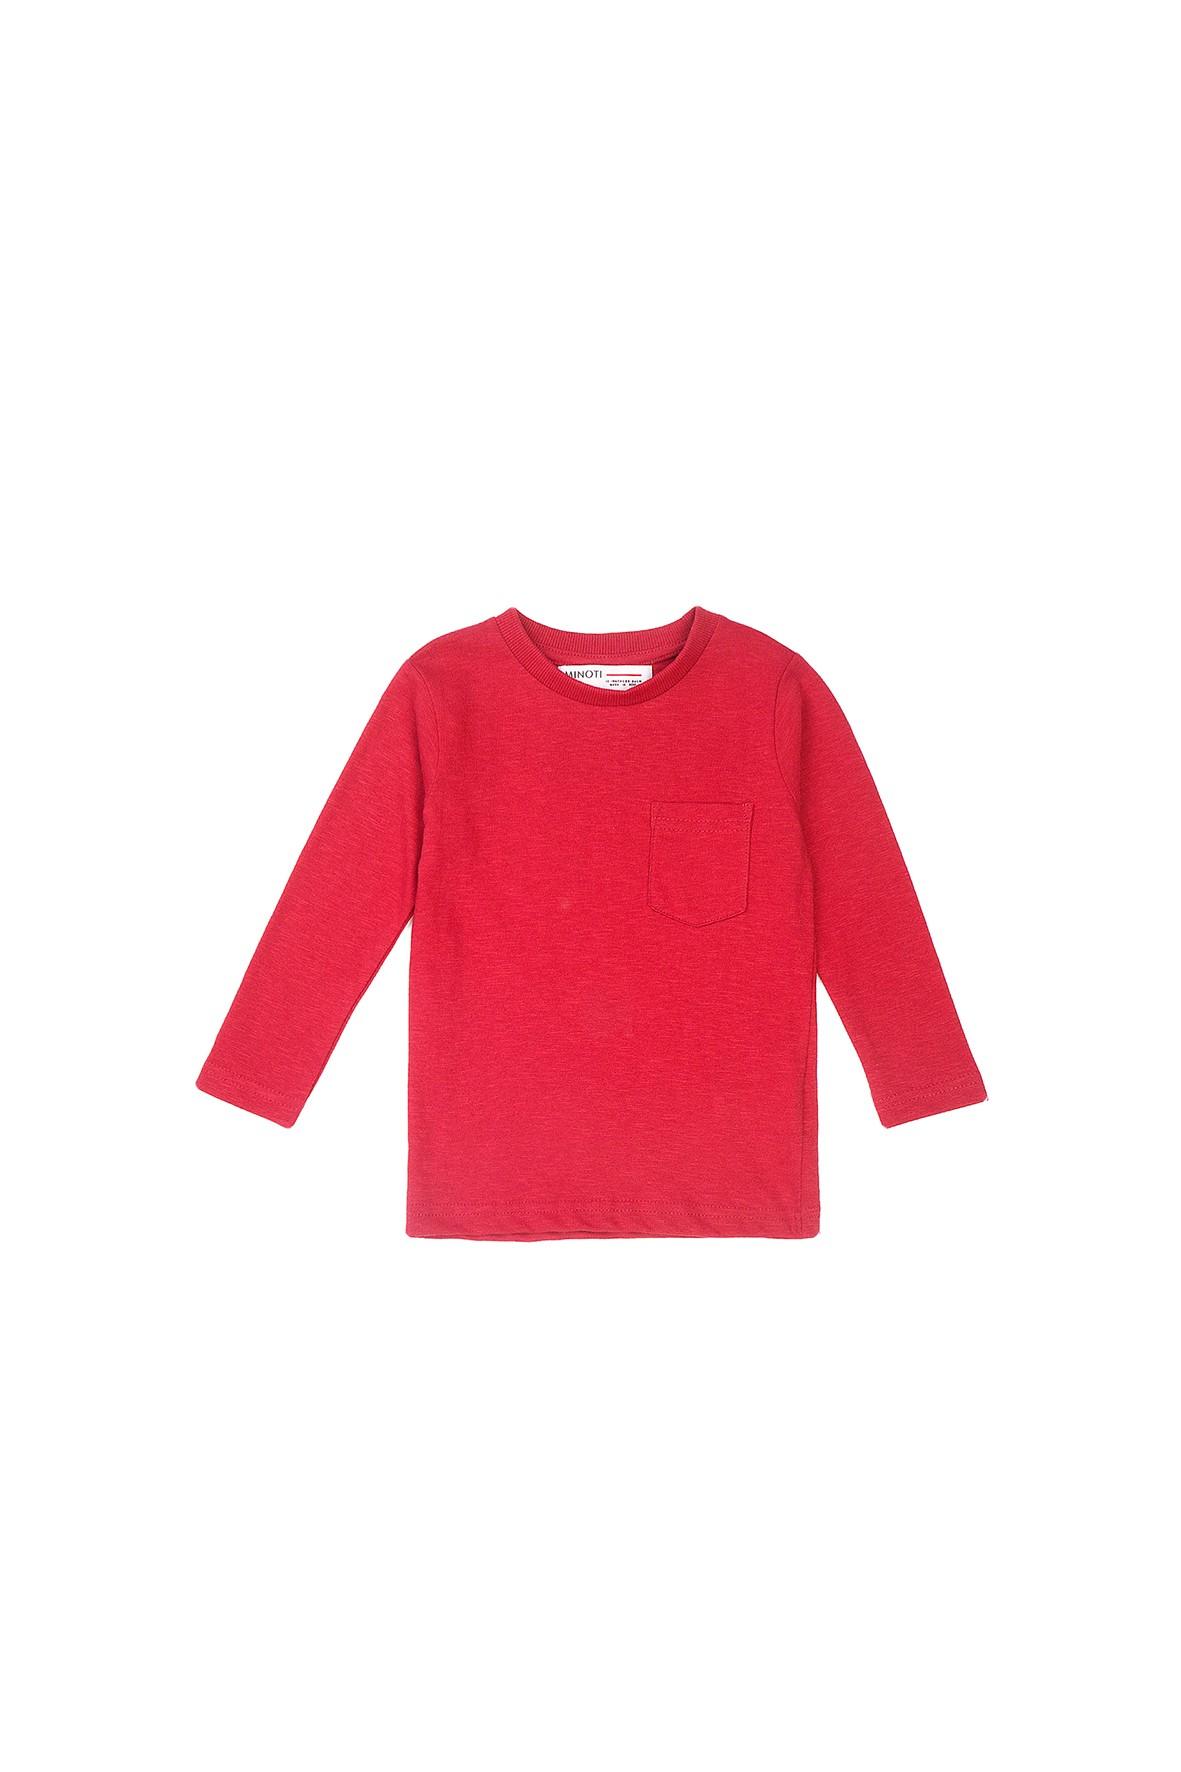 Bluzka chłopięca bawełniana z kieszonką - czerwona